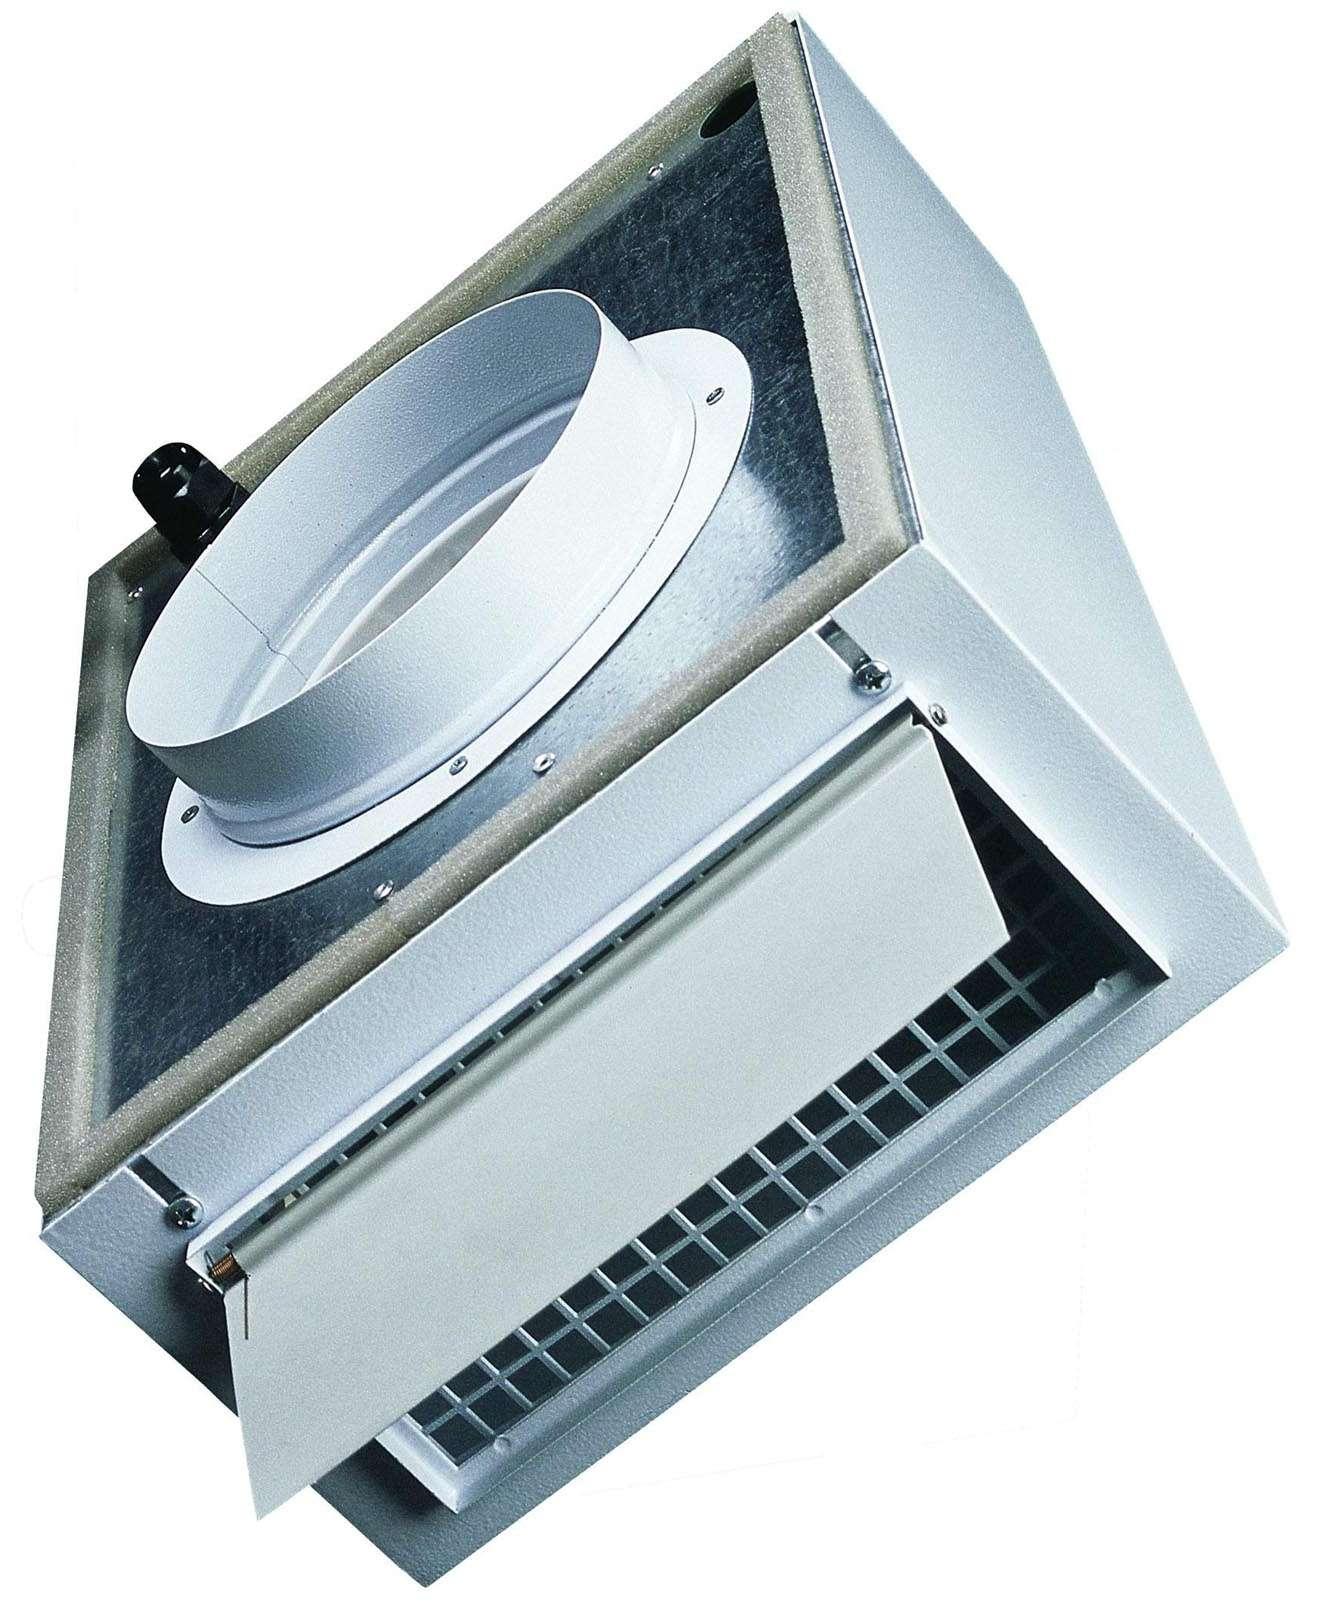 Canarm bpt18 34a 1 bathroom exhaust fan - Bathroom Ventilation Fan Motors Ext Series External Mount Fan Download